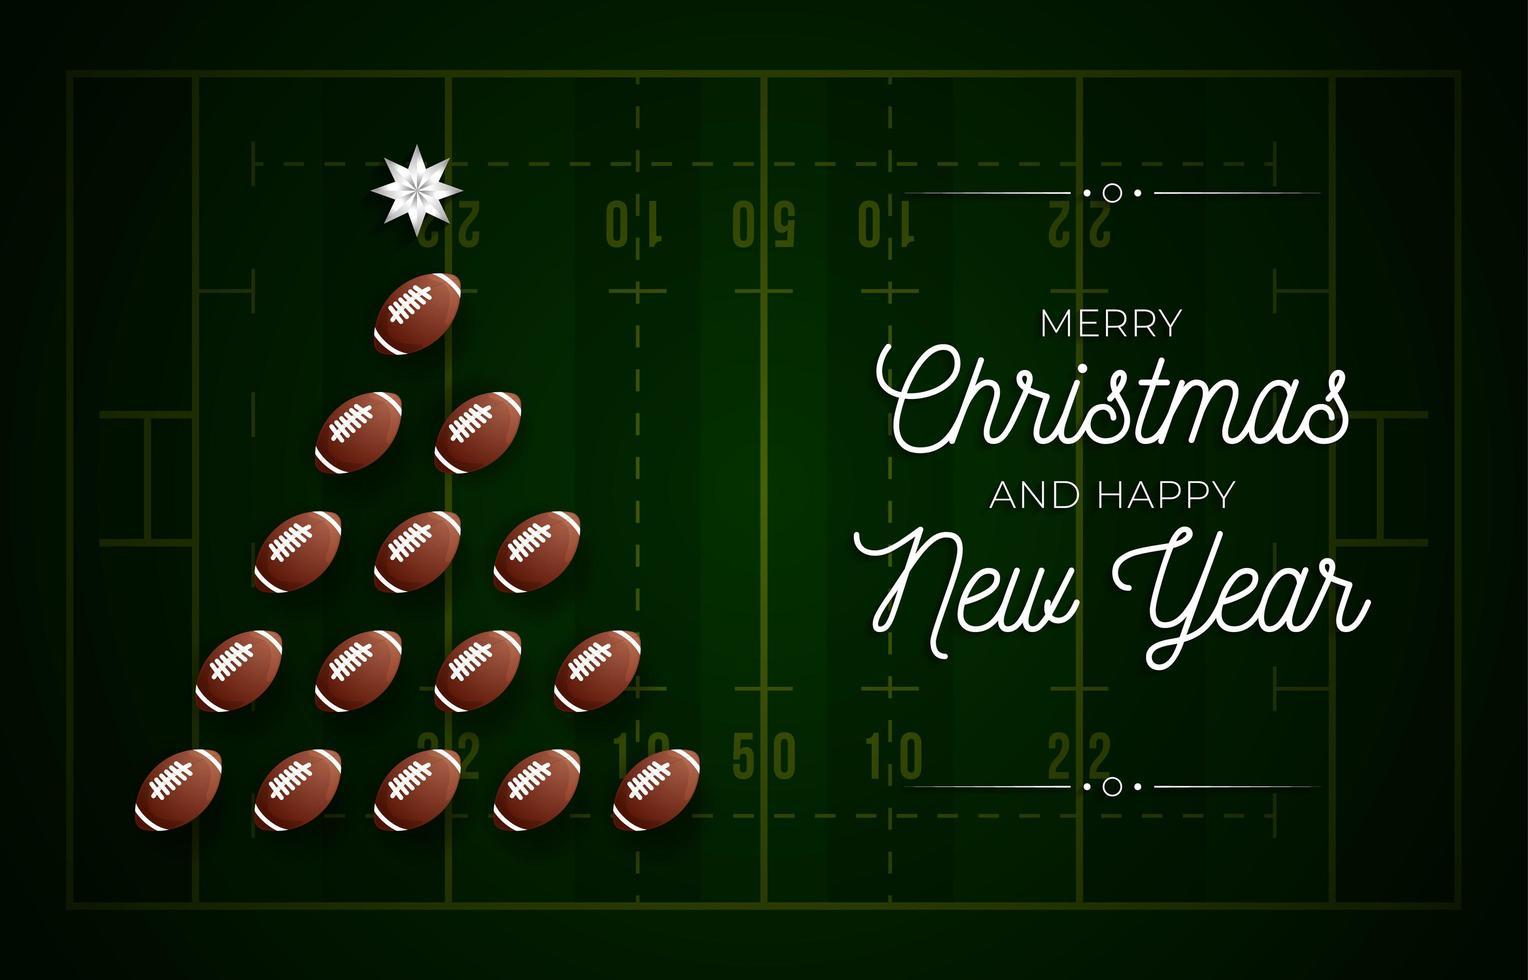 julgran gjord av amerikansk fotboll på fältet vektor